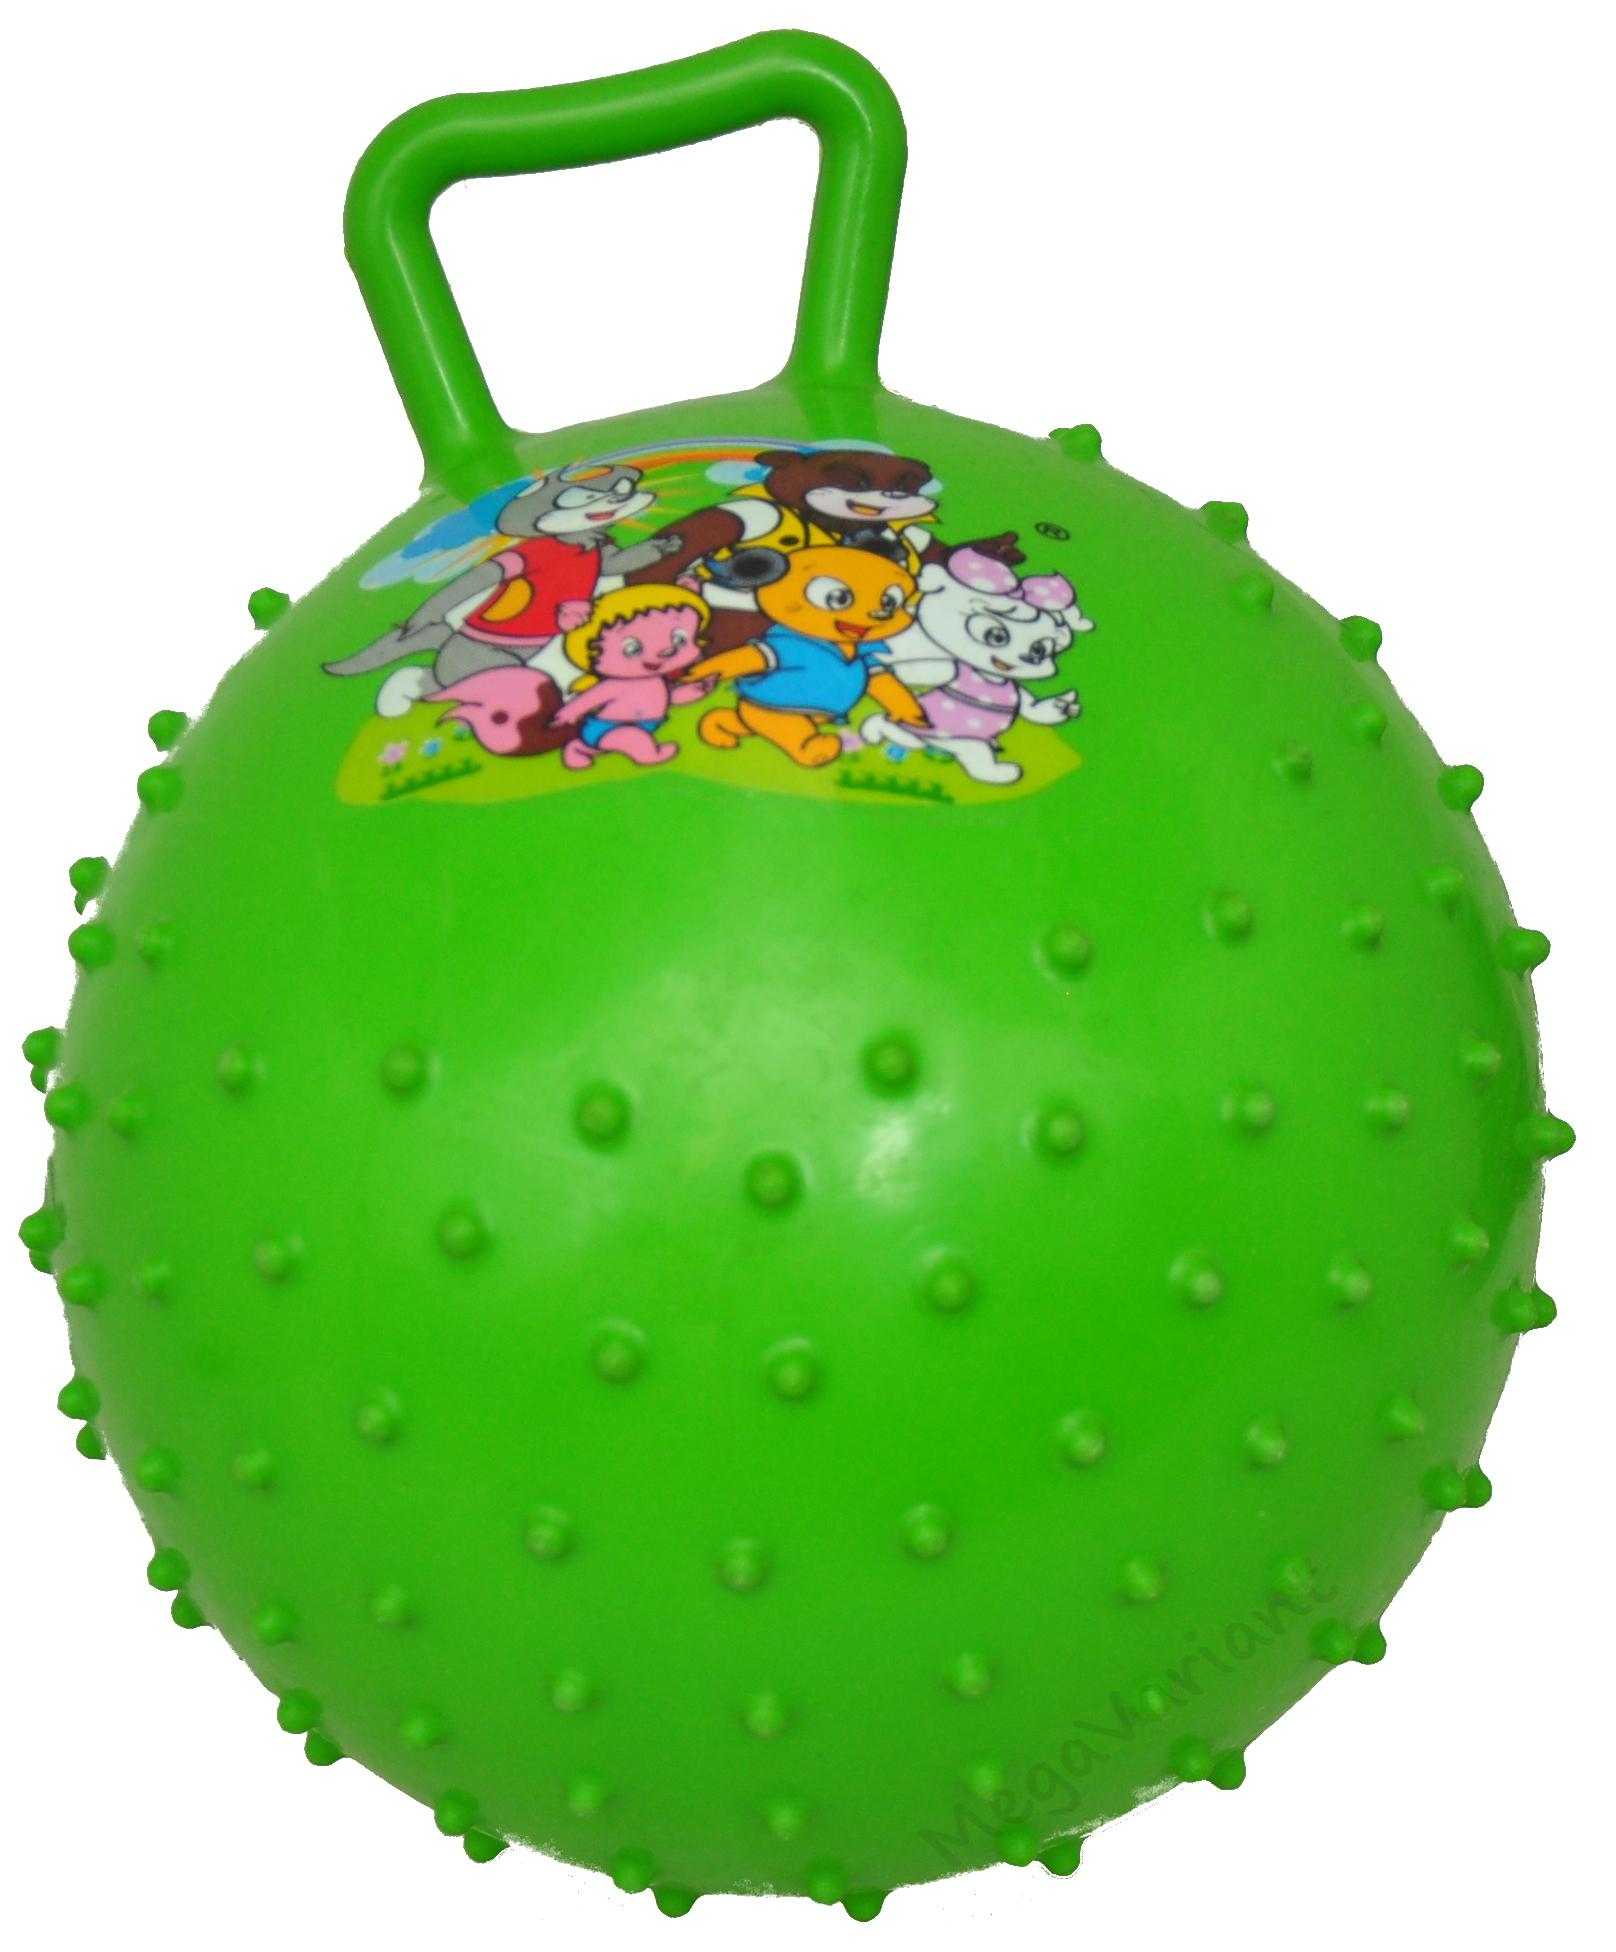 картинка картинки мяч для прыжков плавность